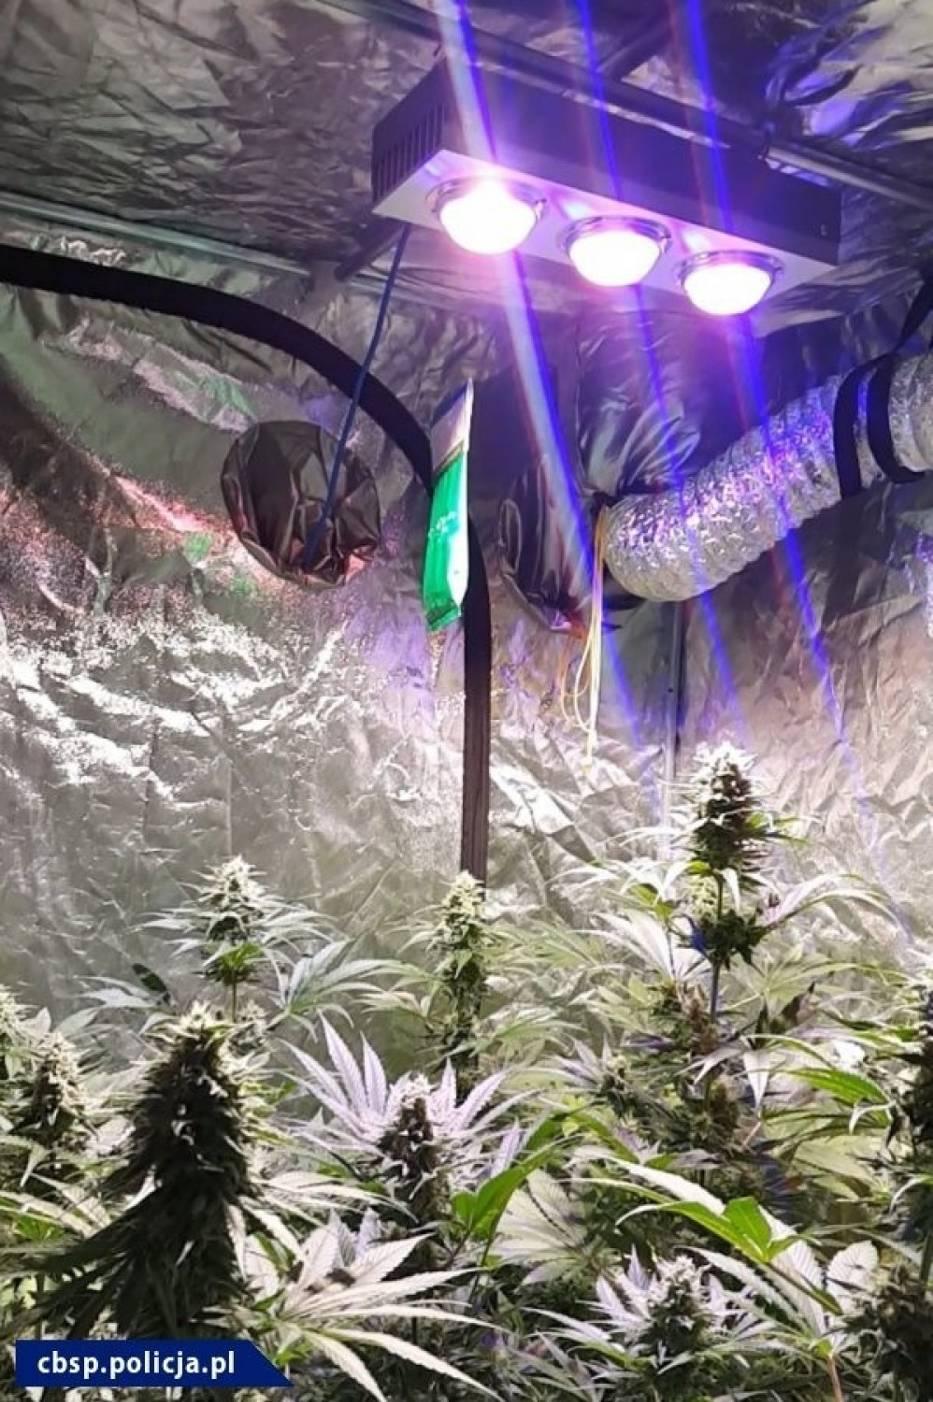 Zlikwidowanie laboratorium narkotyków syntetycznych, dwóch plantacji konopi oraz przejęcie dużych ilości amfetaminy, to efekt tylko ostatnich działań policjantów z opolskiego zarządu Centralnego Biura Śledczego Policji